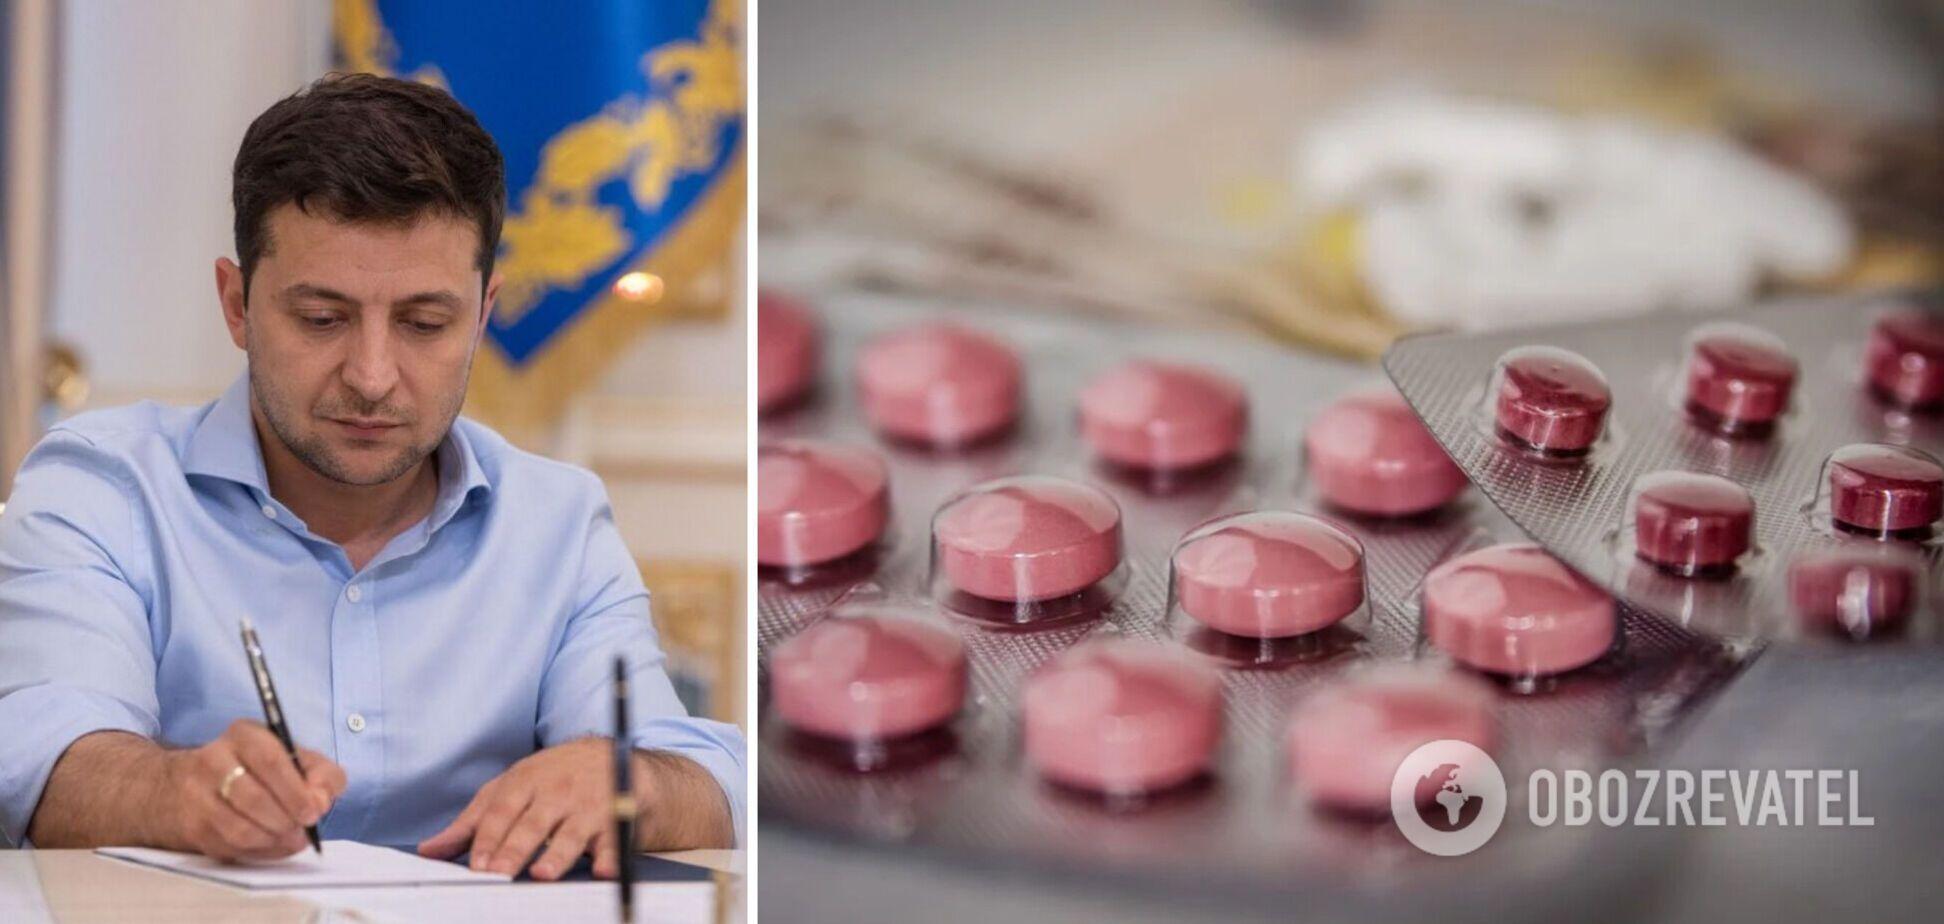 Президент поддержал запрет продажи лекарственных средств детям